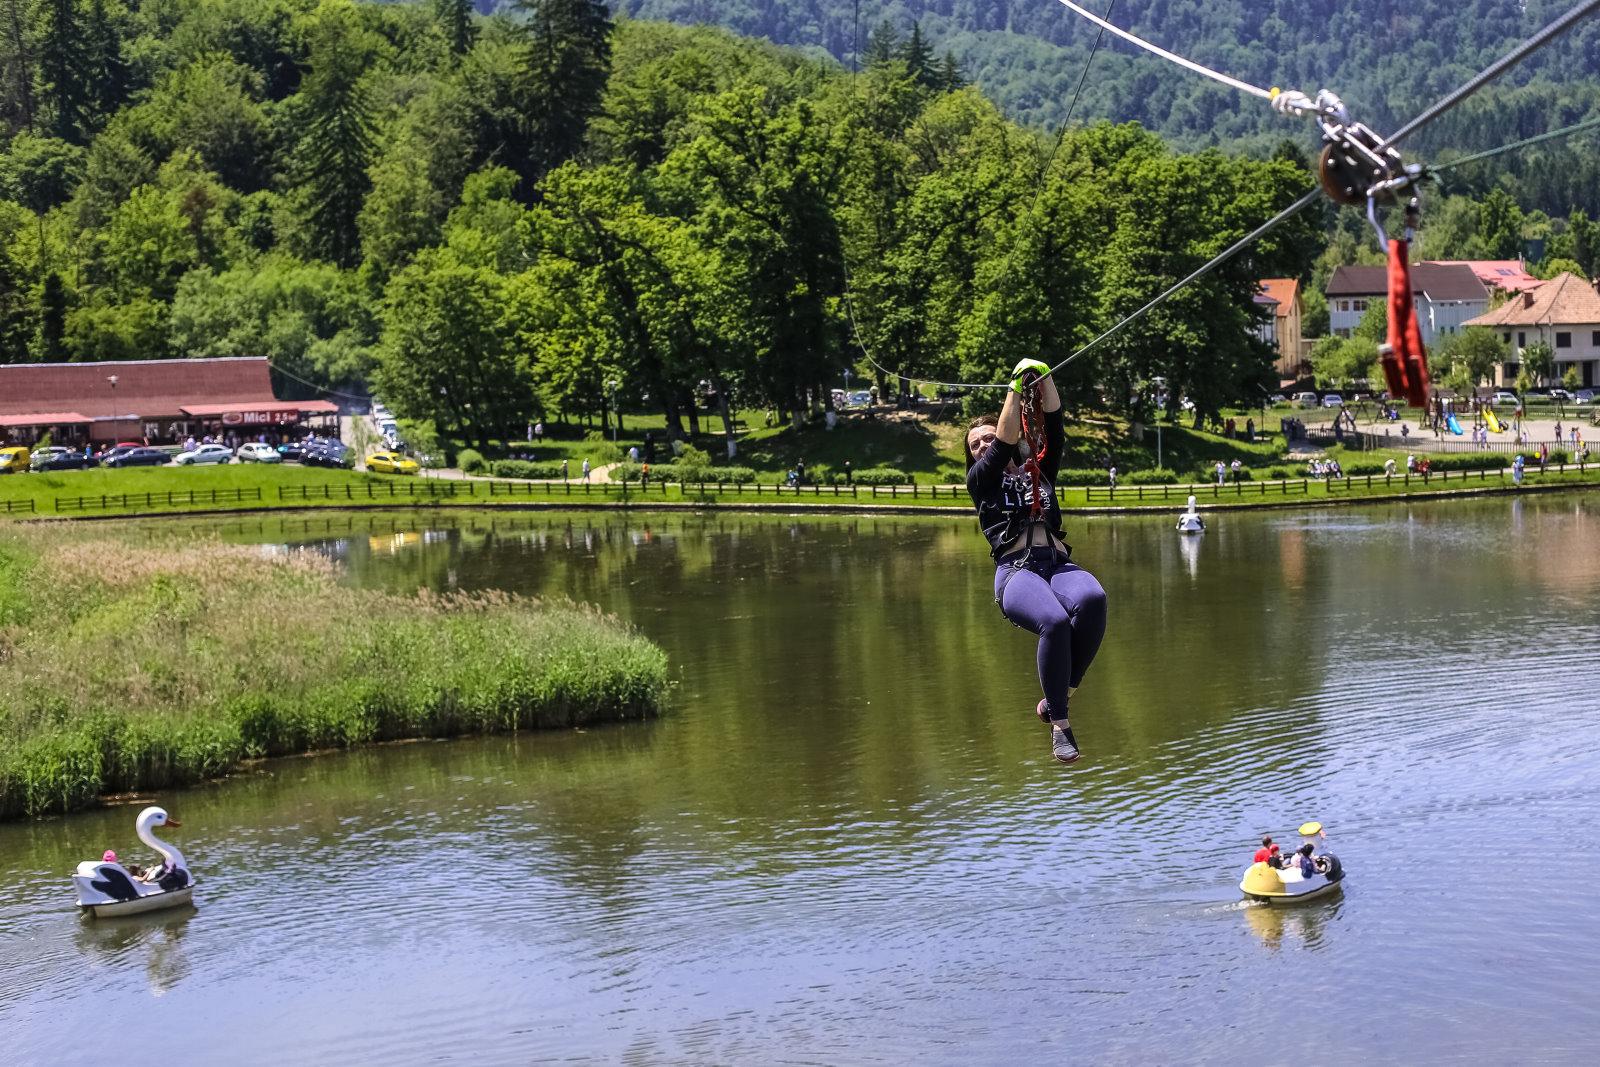 Imagini pentru parc aventura brasov